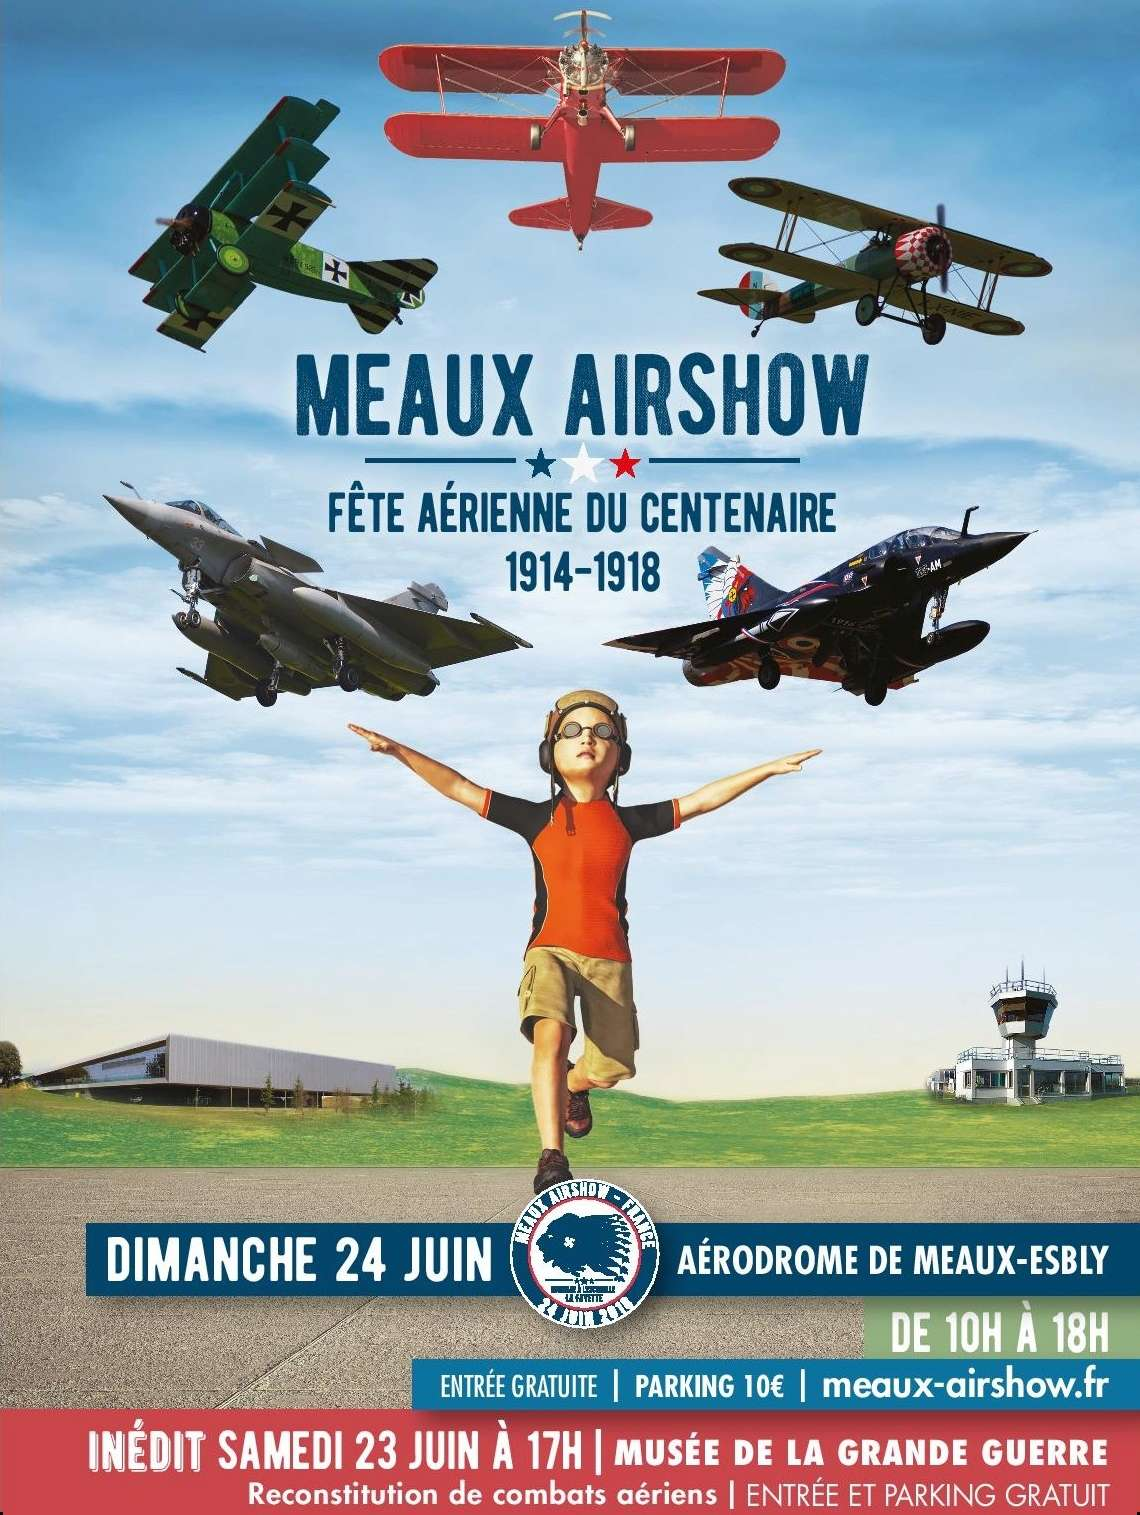 Meaux Airshow 2018,Aérodrome de Meaux-Esbly , meeting aerien 2018